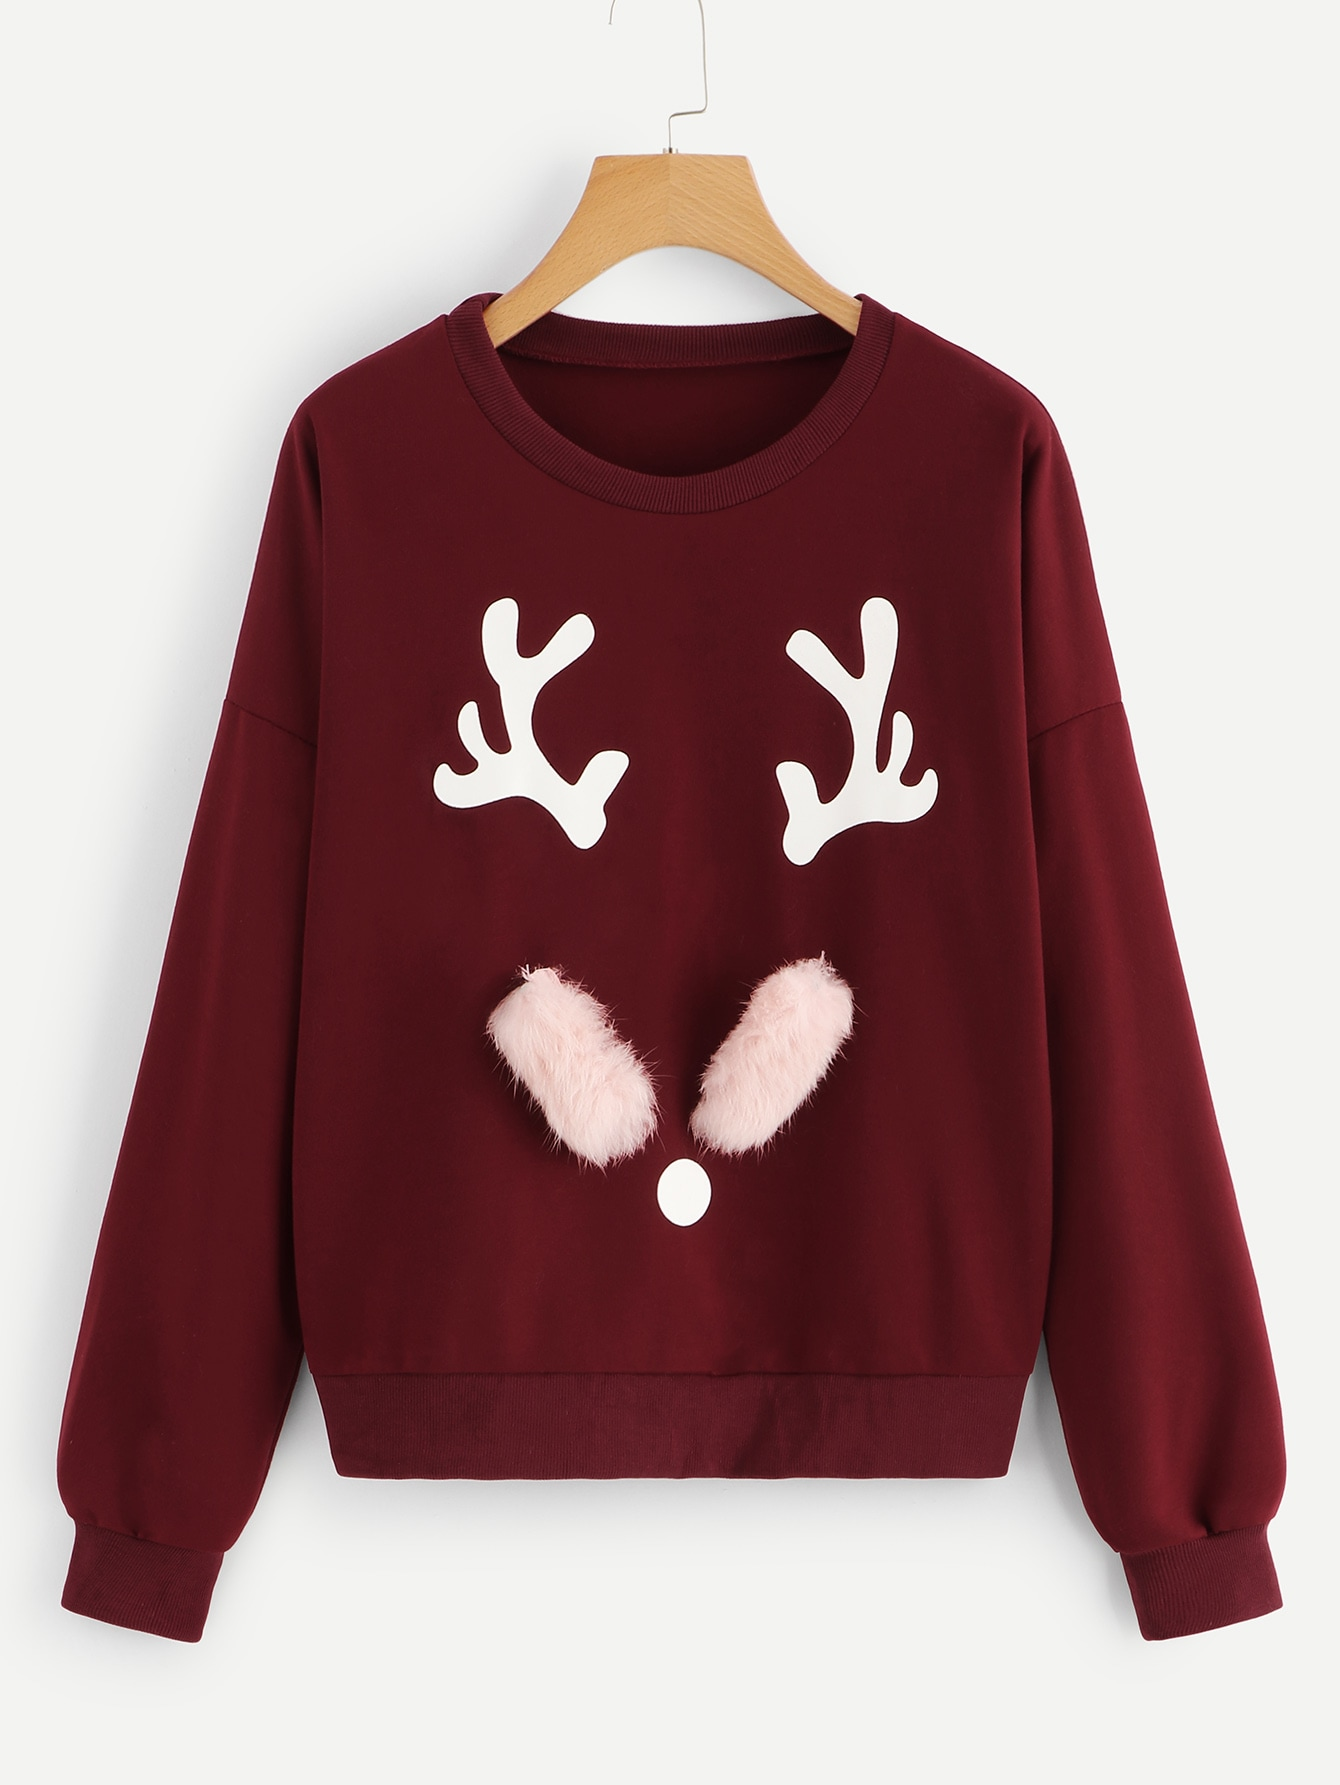 Купить Свитшот с заниженной линией плеч и рождествеским принтом, null, SheIn